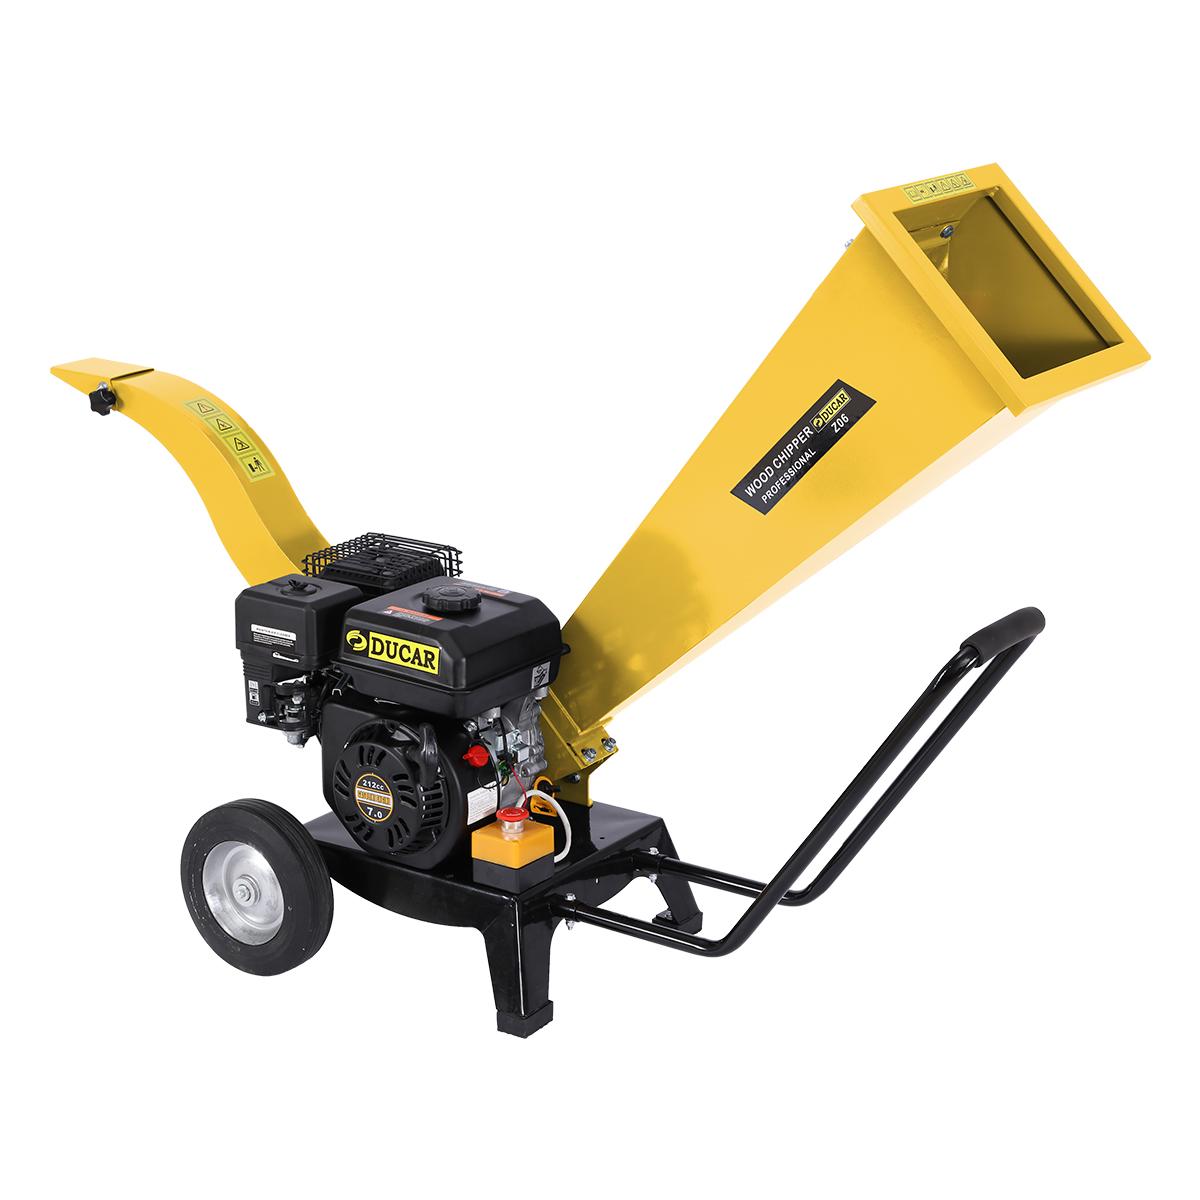 Ducar 7HP Wood Chipper Shredder Mulcher Grinder Petrol Yellow - $975.6